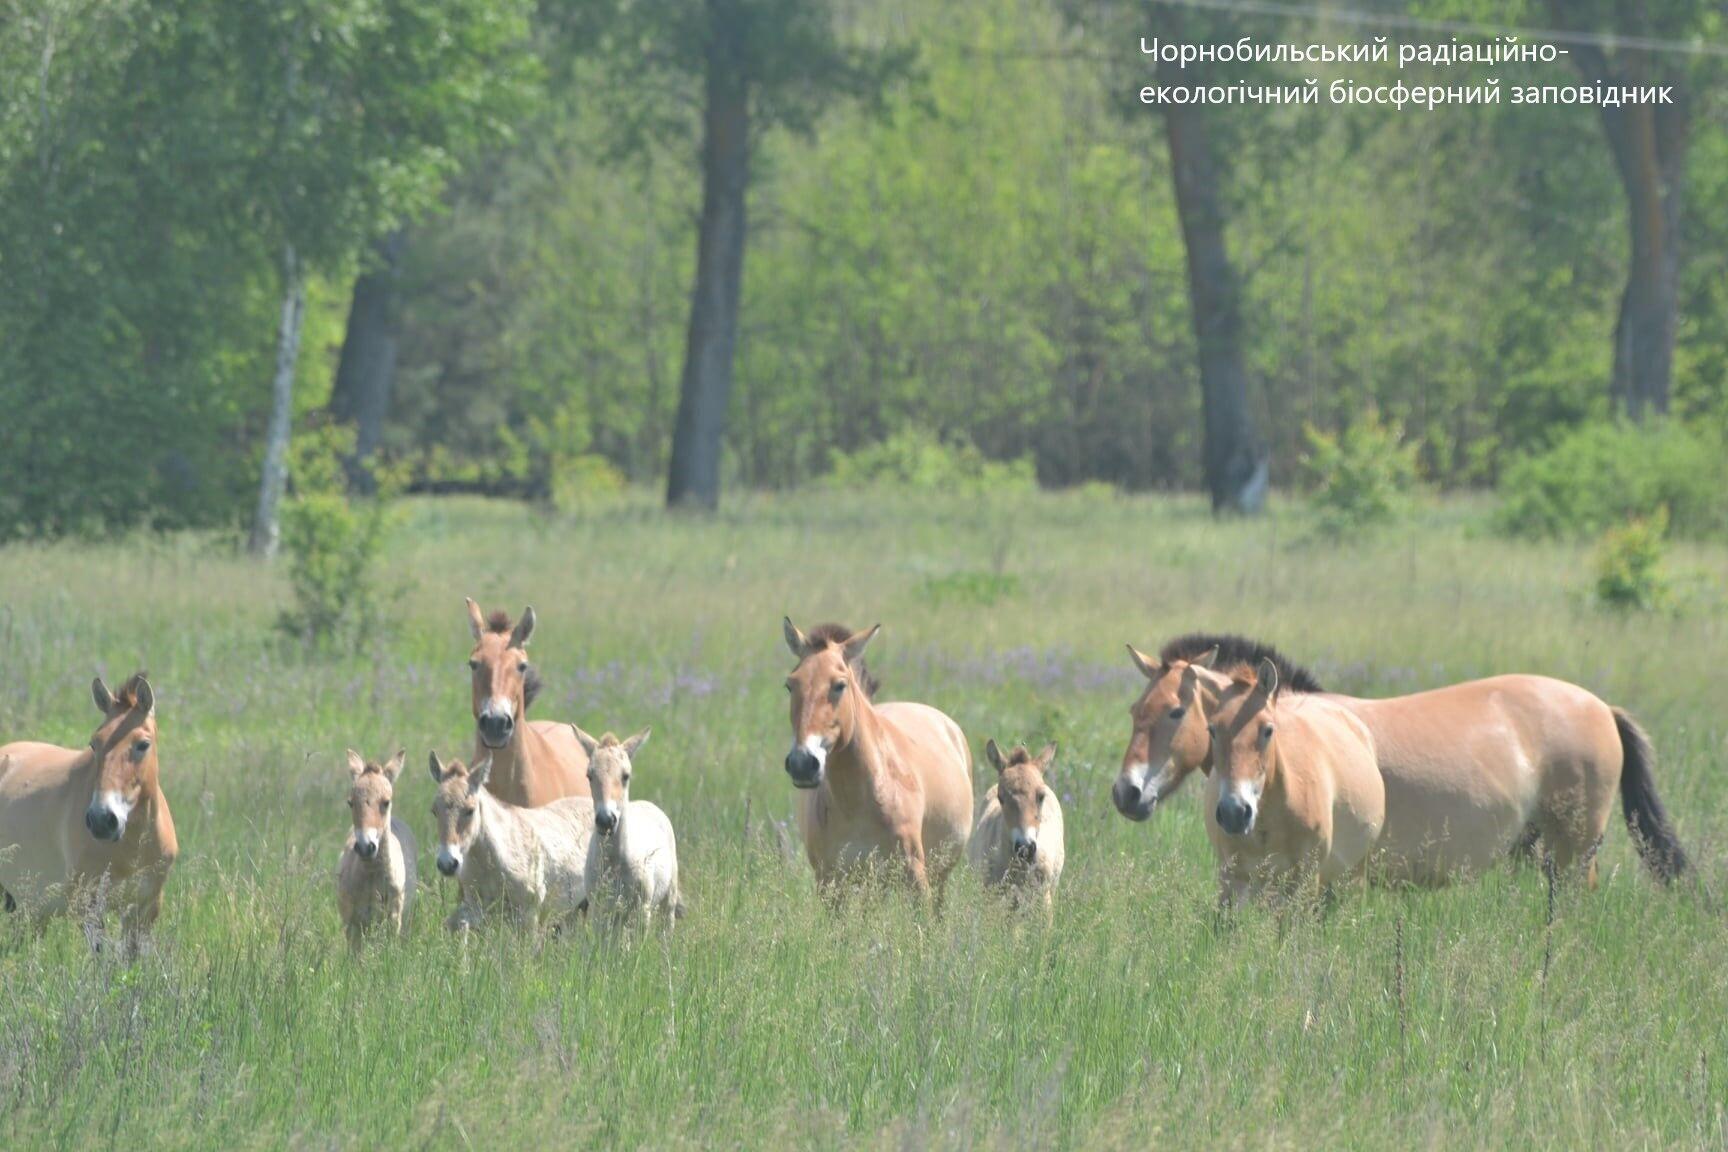 Табун коней Пржевальського помітили на північній окраїні Чорнобиля